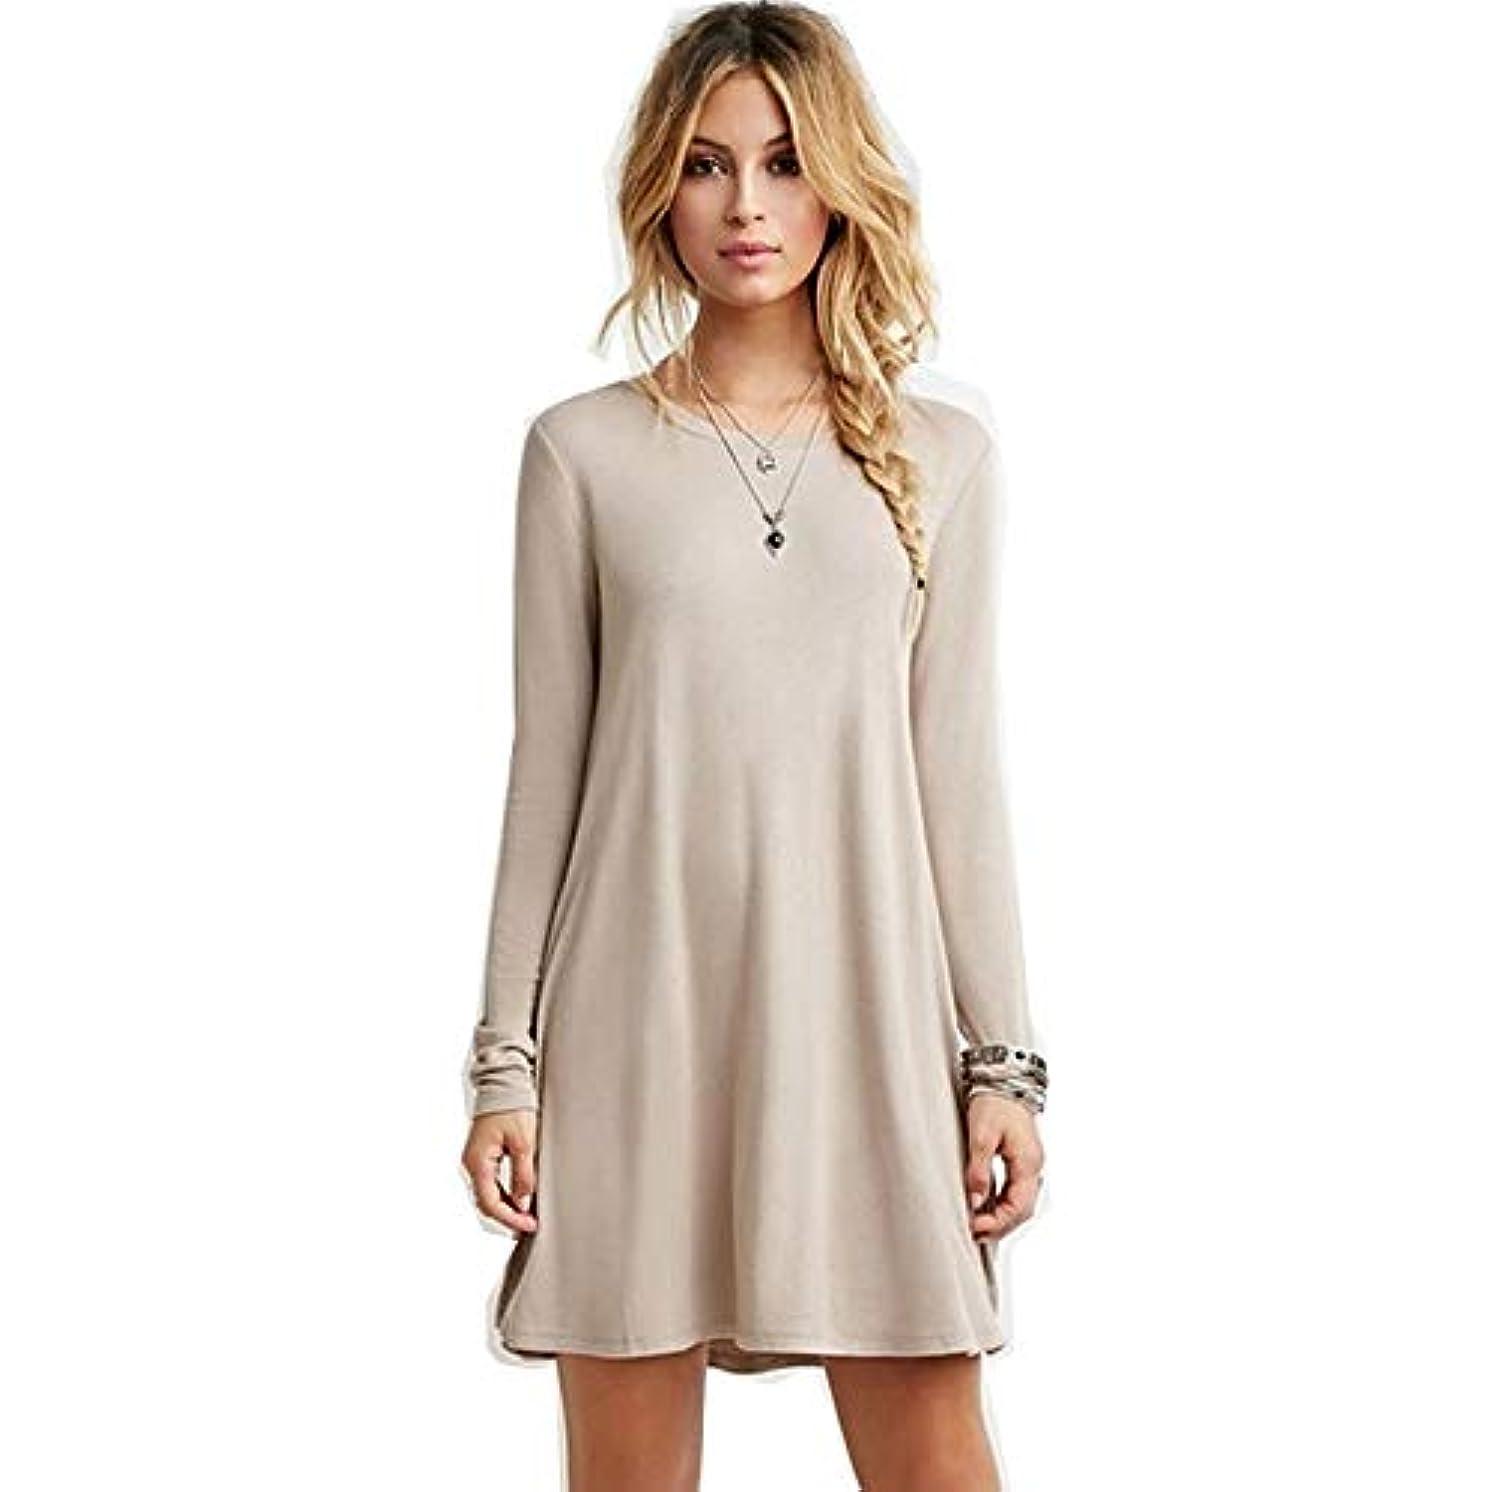 矢じりレディ有名なMIFANルースドレス、プラスサイズのドレス、長袖のドレス、女性のドレス、秋のドレス、マキシドレス、コットンドレス